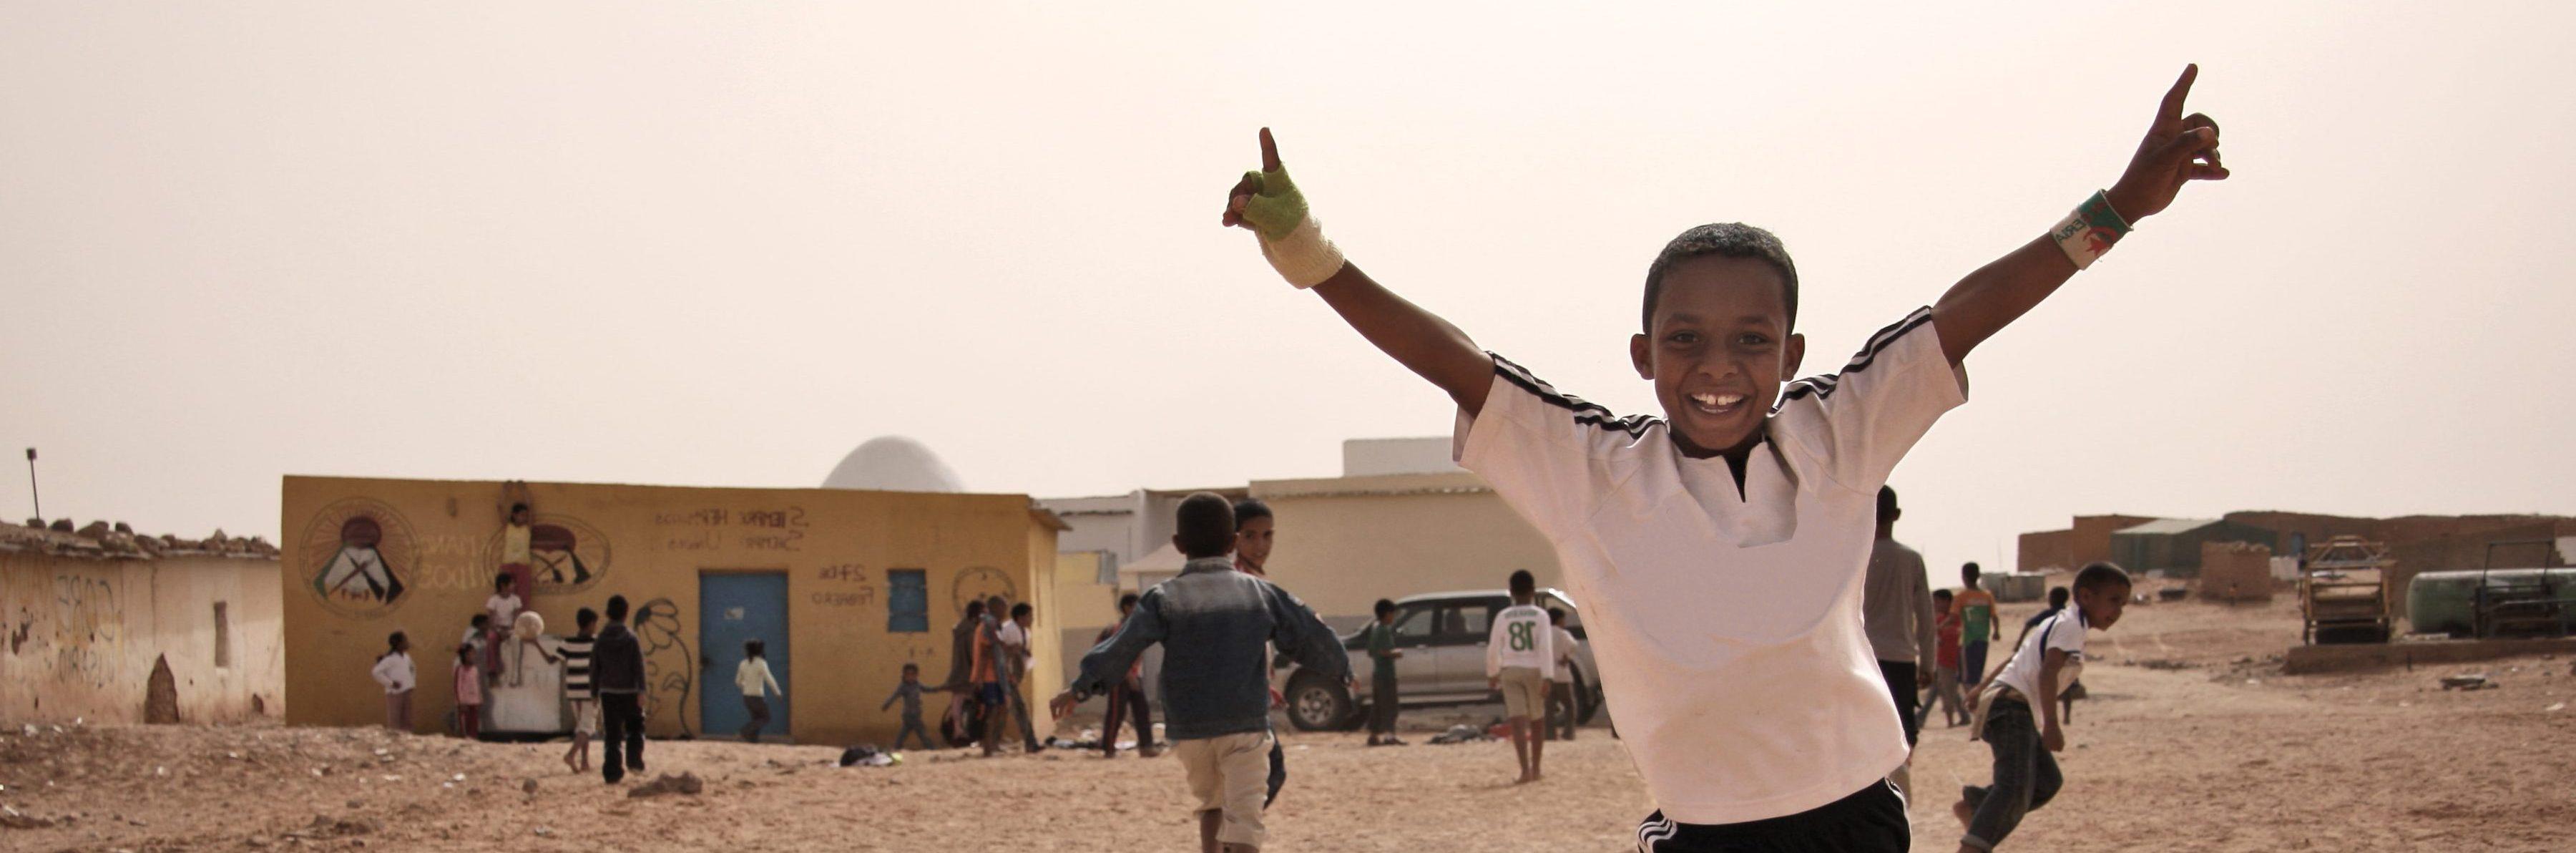 Niños pobres jugando al fútbol. Uno de ellos levanta los brazos en señal de victoria mientras los demás siguen jugando.